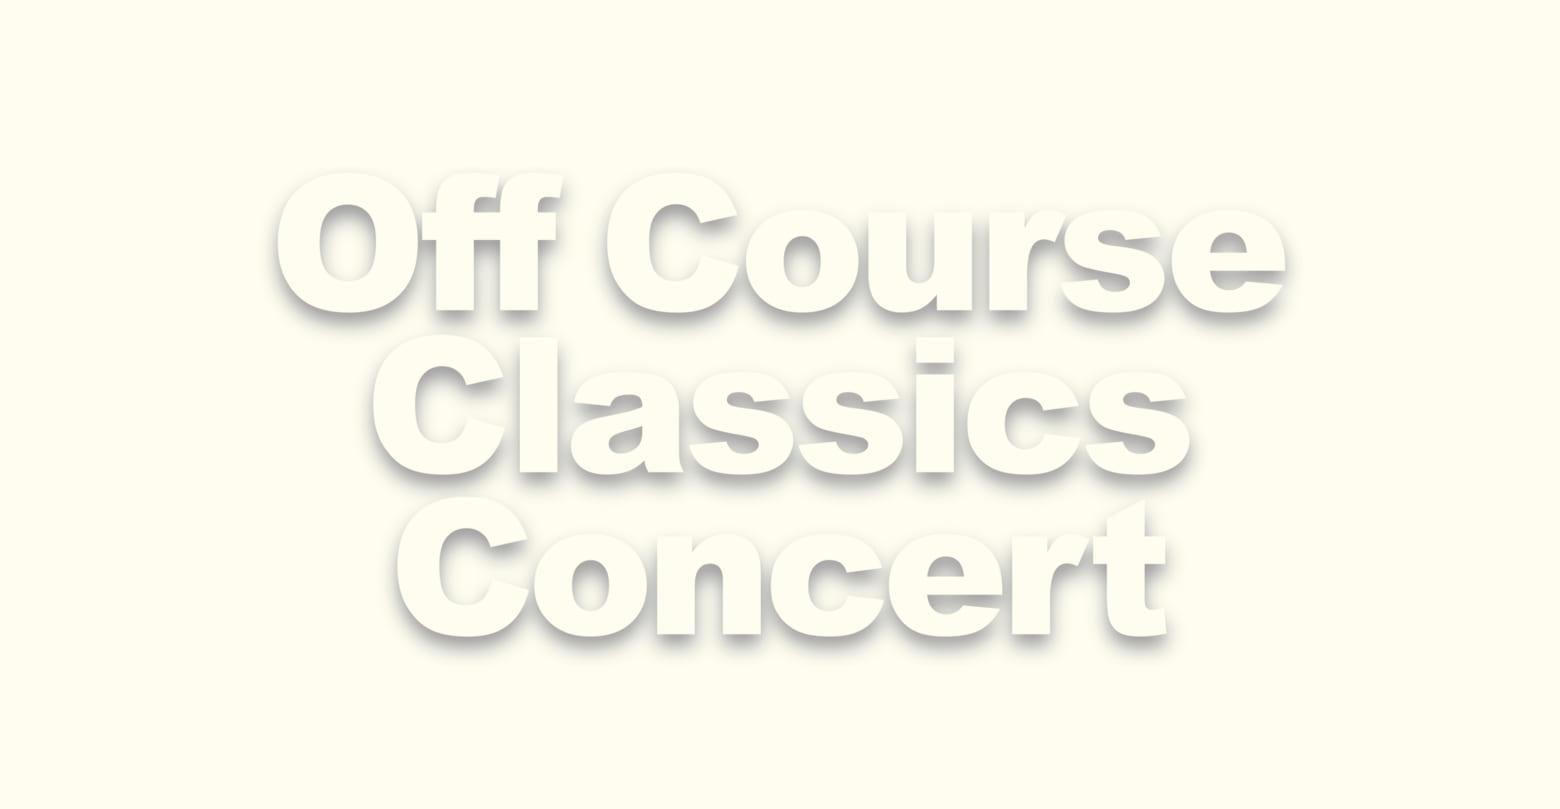 クラシックス オフ コンサート コース